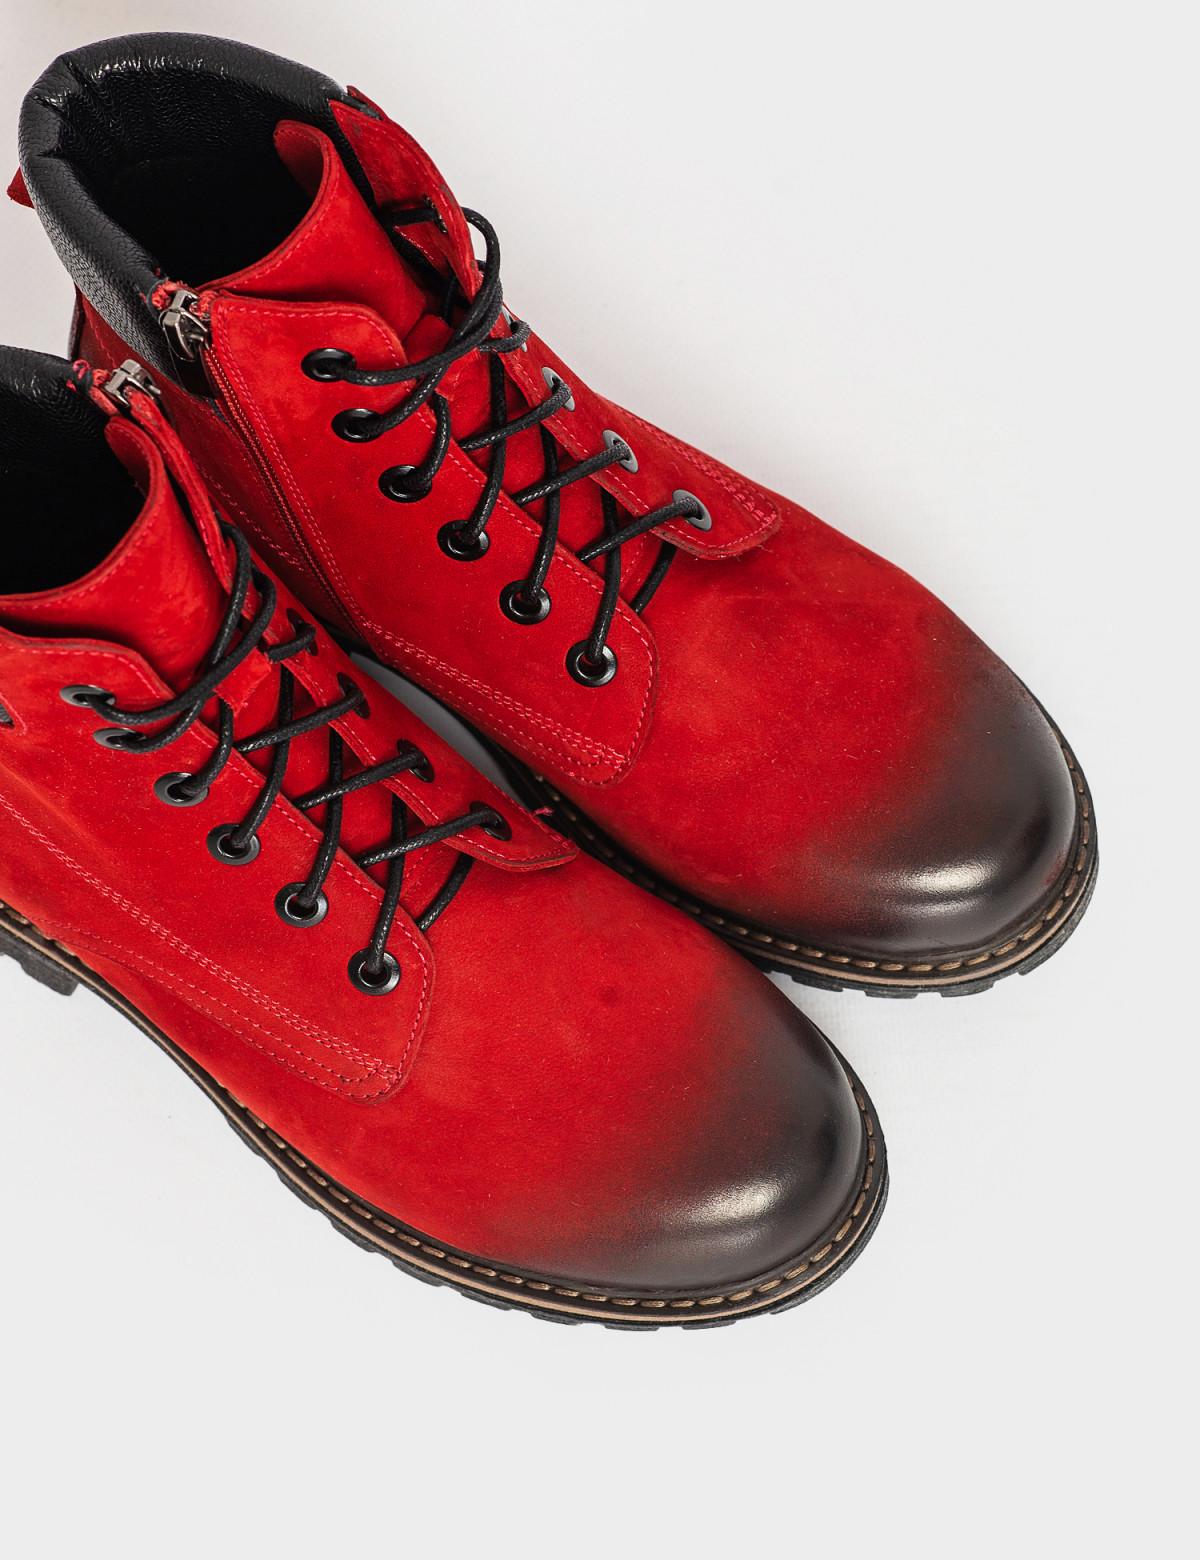 Ботинки красные. Натуральный нубук. Байка3